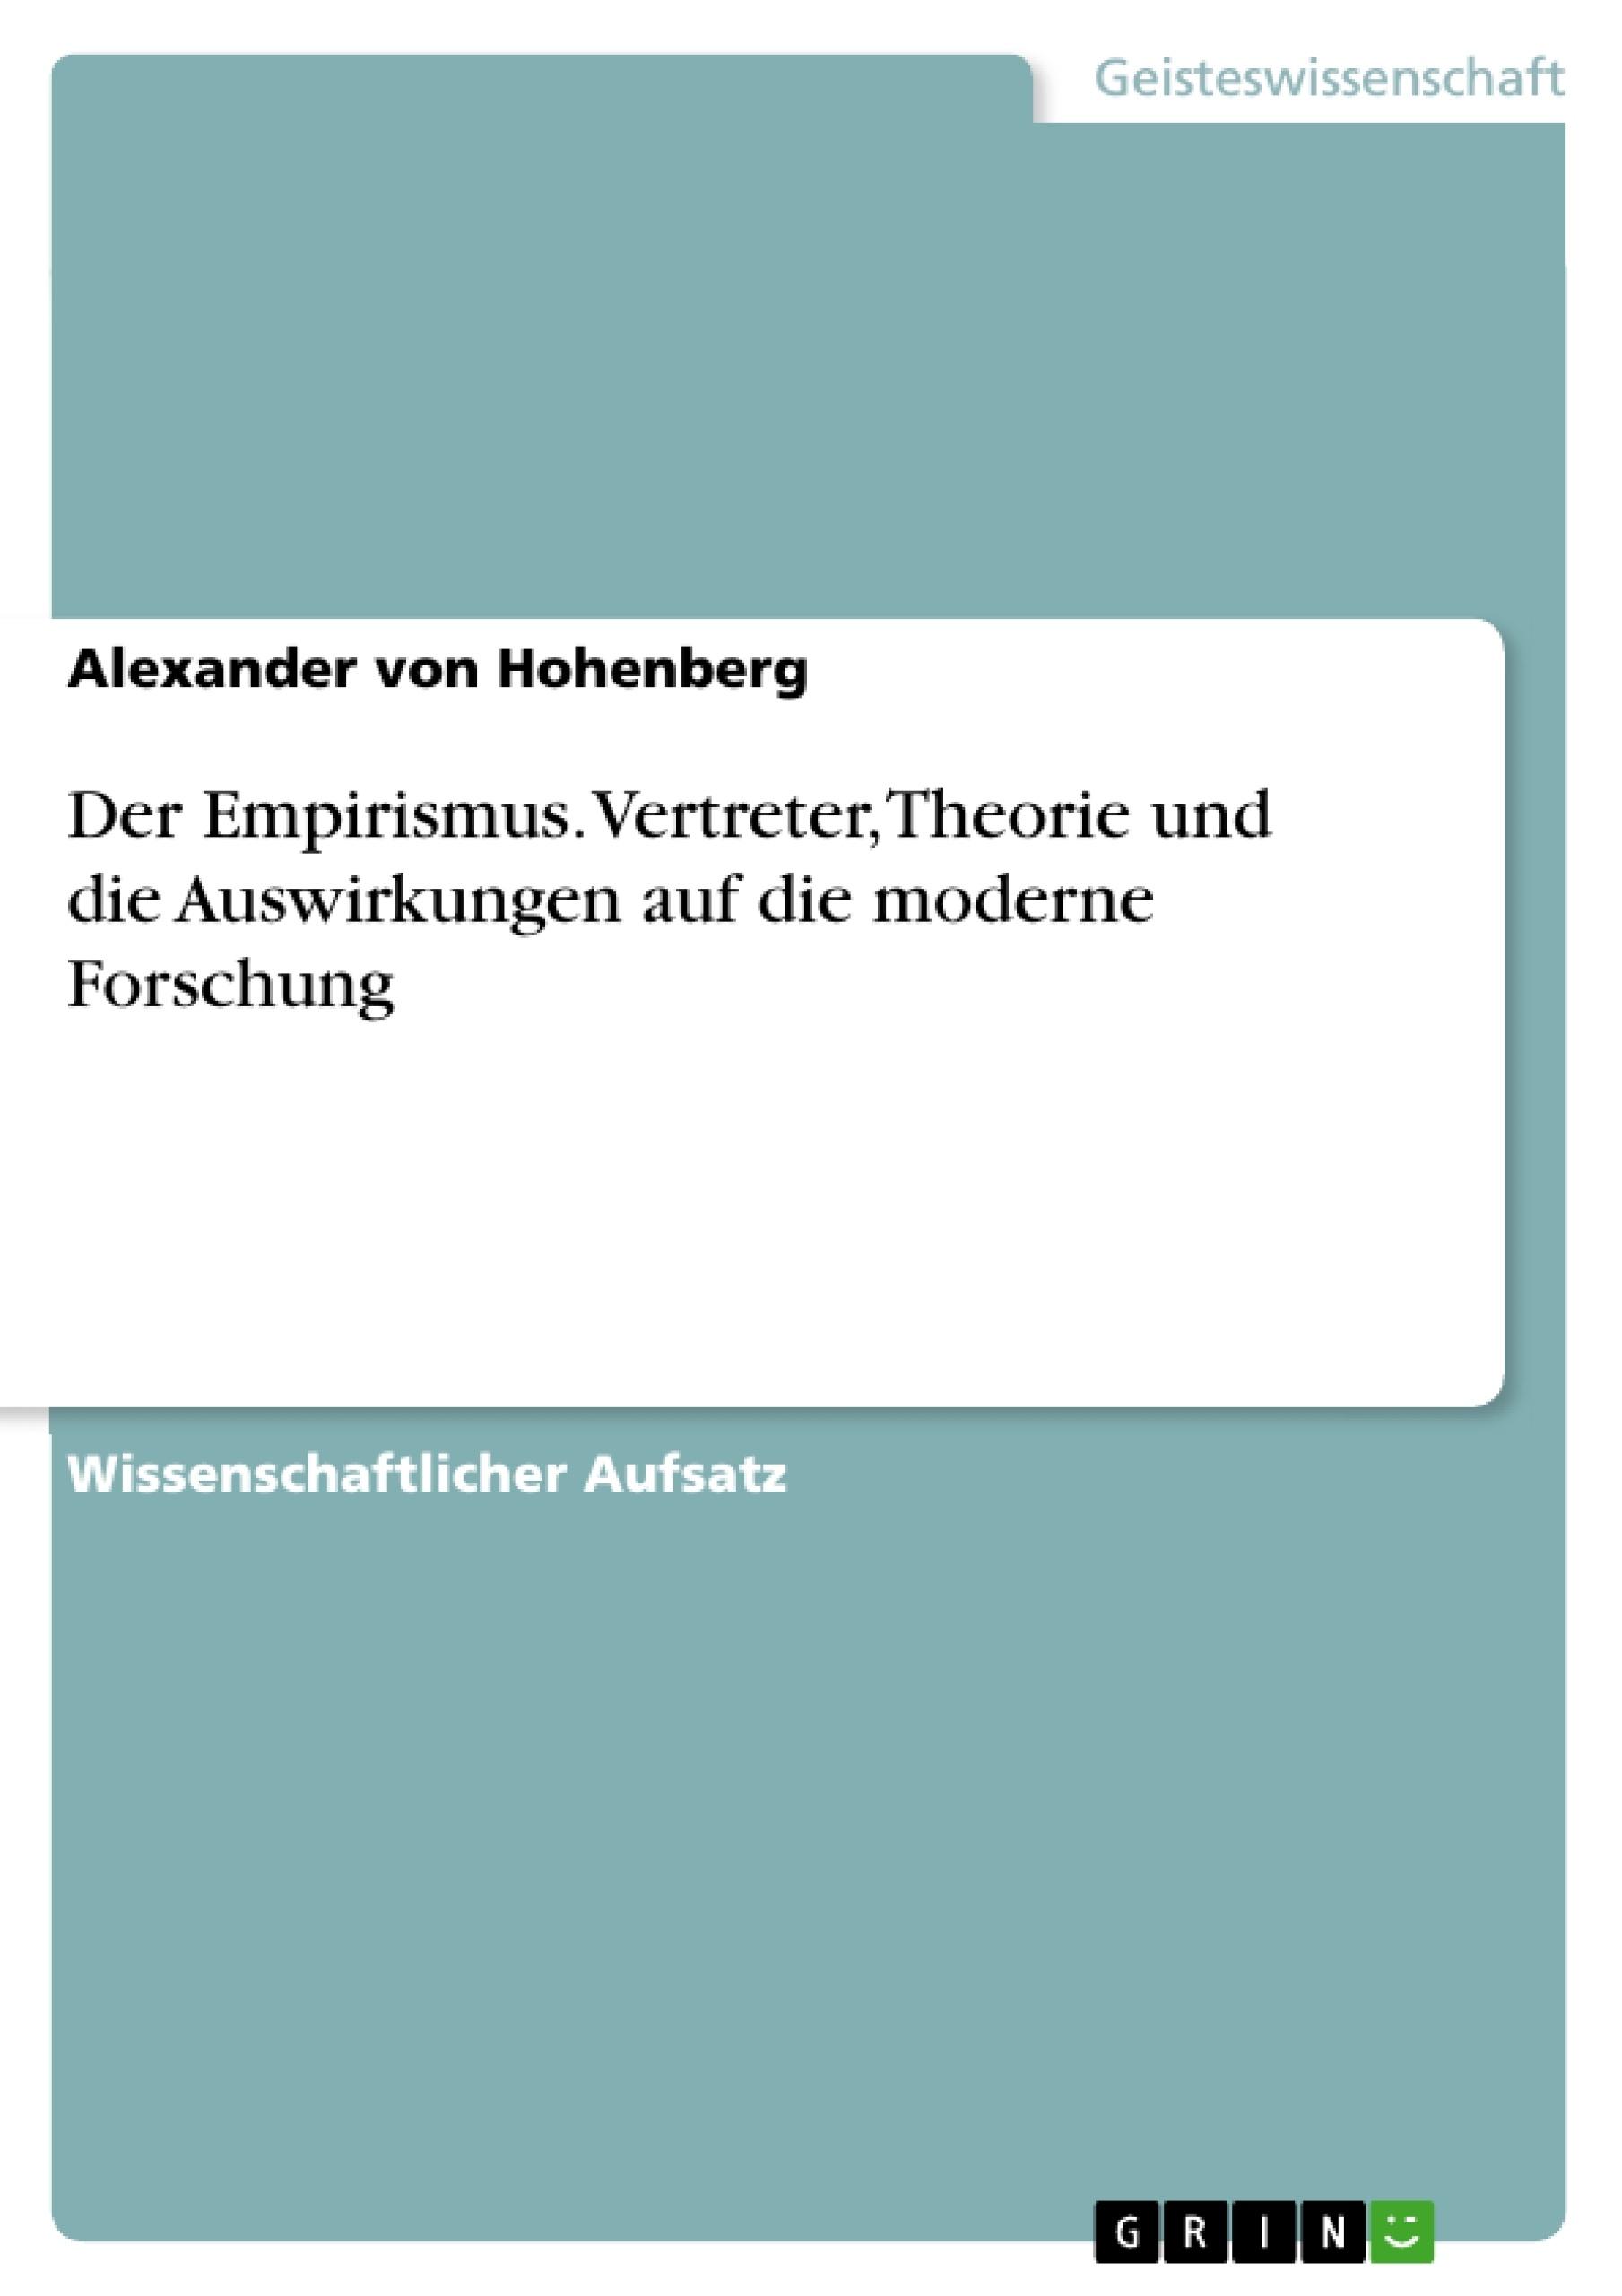 Titel: Der Empirismus. Vertreter, Theorie und die Auswirkungen auf die moderne Forschung